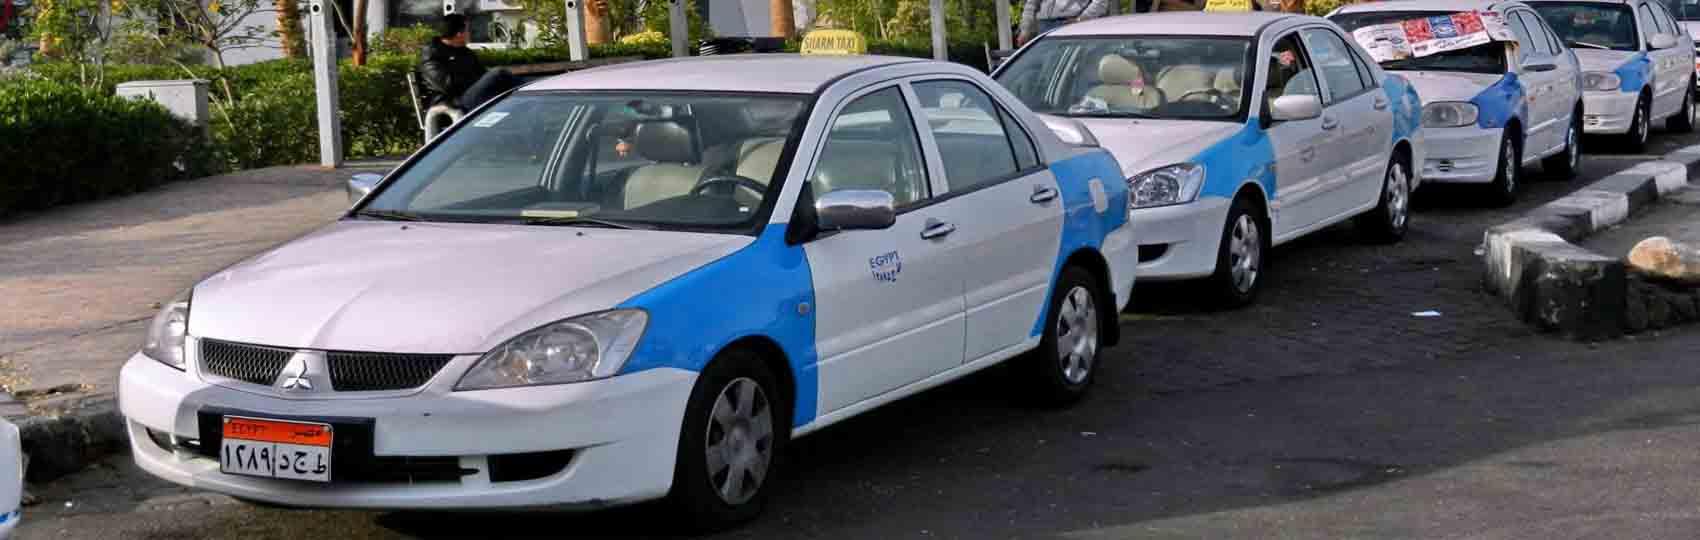 Noticias del sector del taxi y la movilidad en Egipto. Mantente informado de todas las noticias del taxi de Egipto en el grupo de Facebook de Todo Taxi.